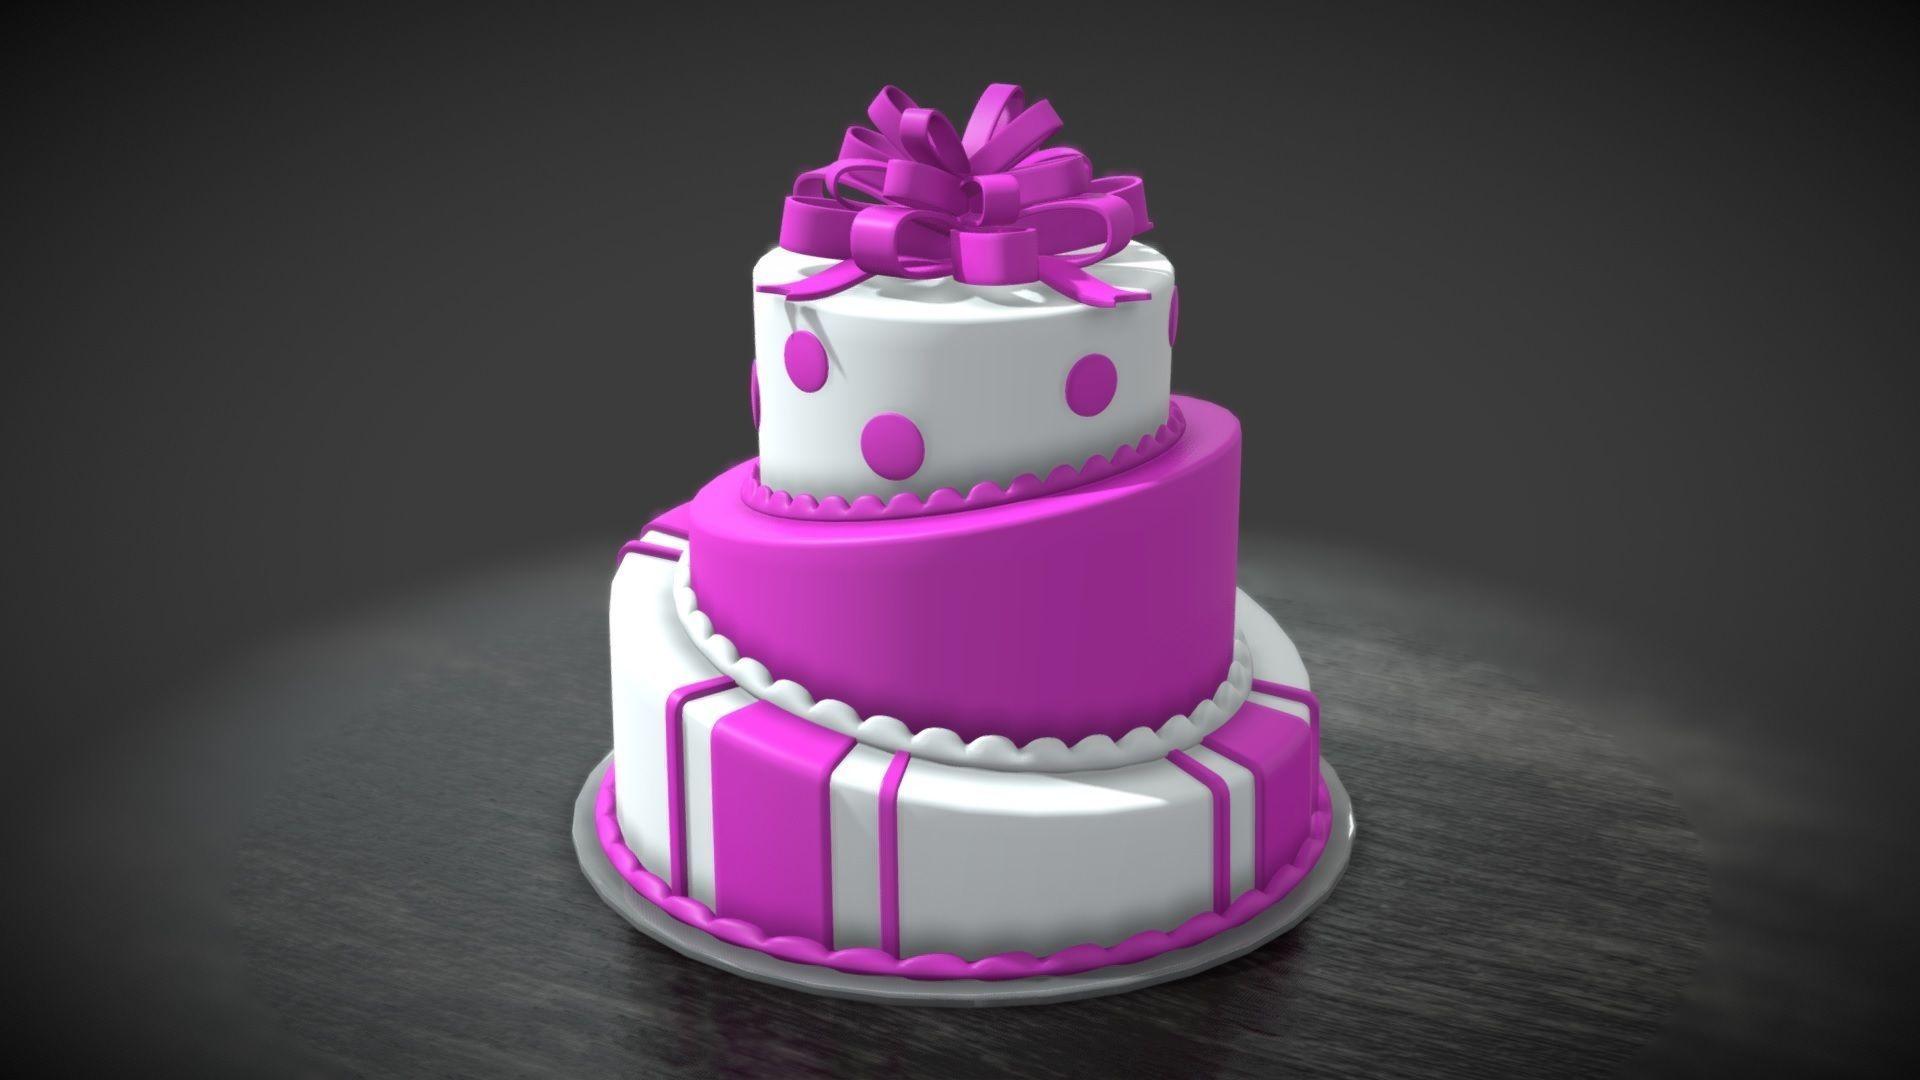 Cake Three Layers